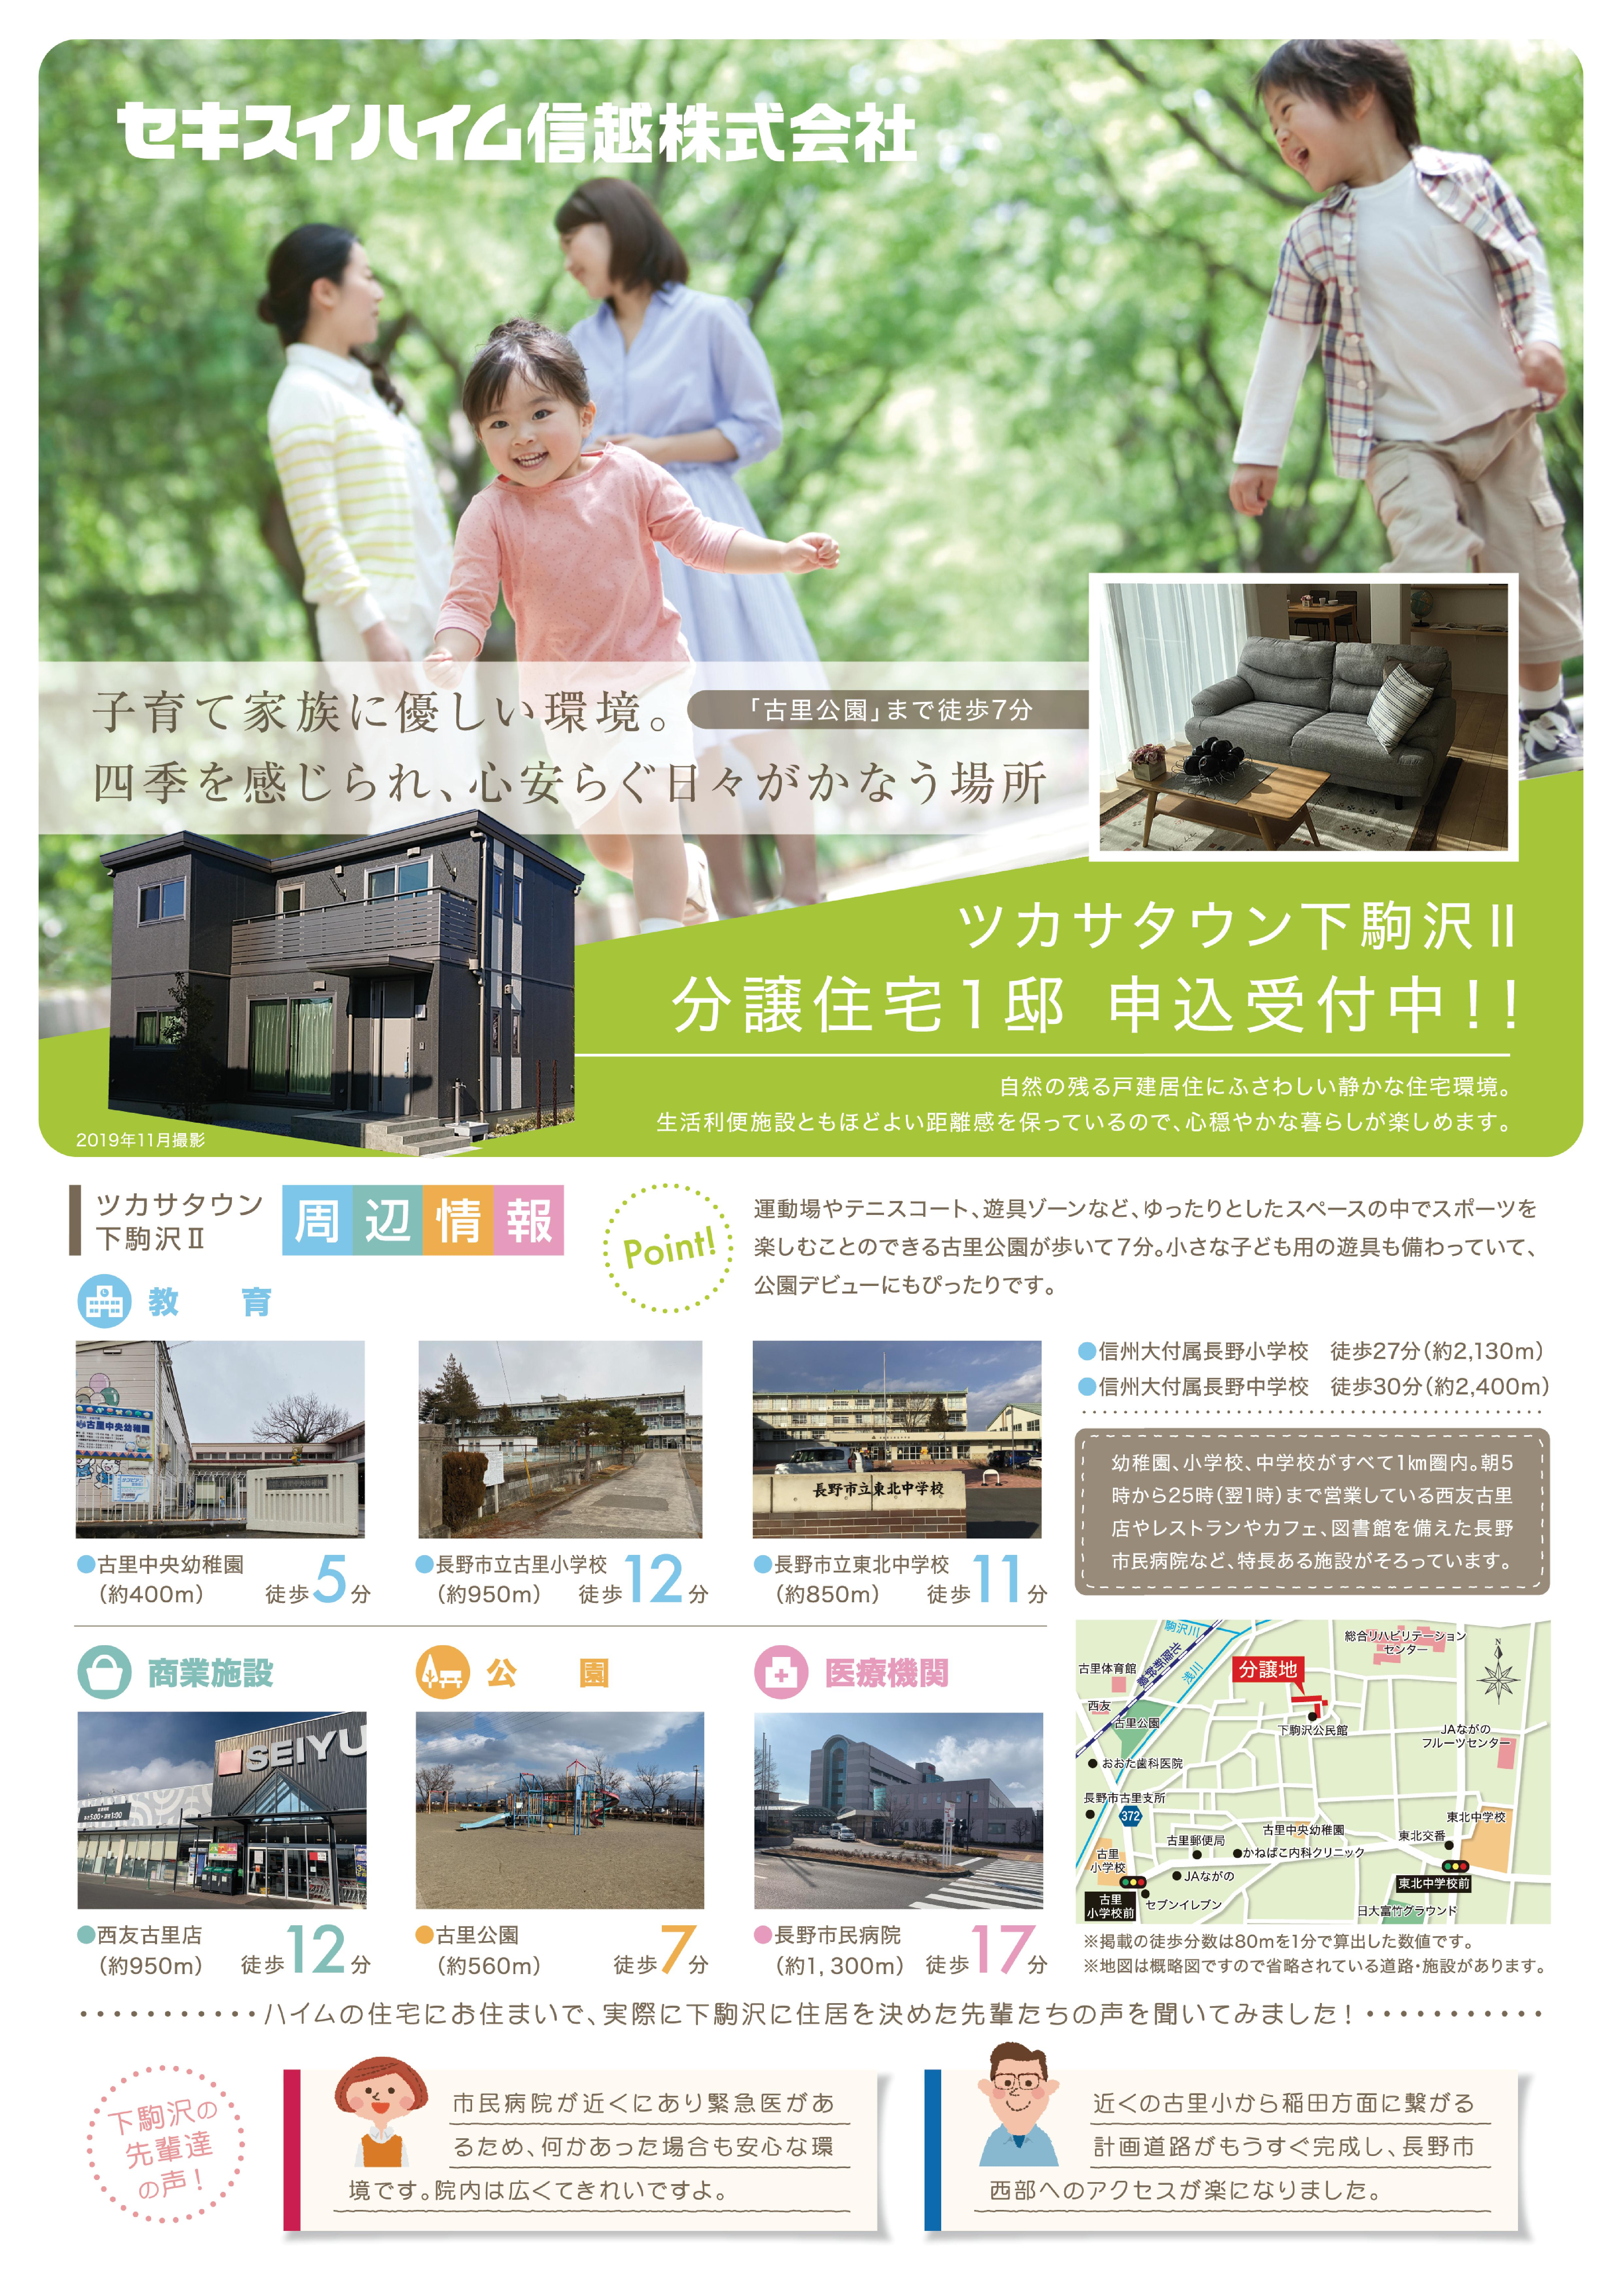 【長野市下駒沢】分譲住宅内覧会開催中!